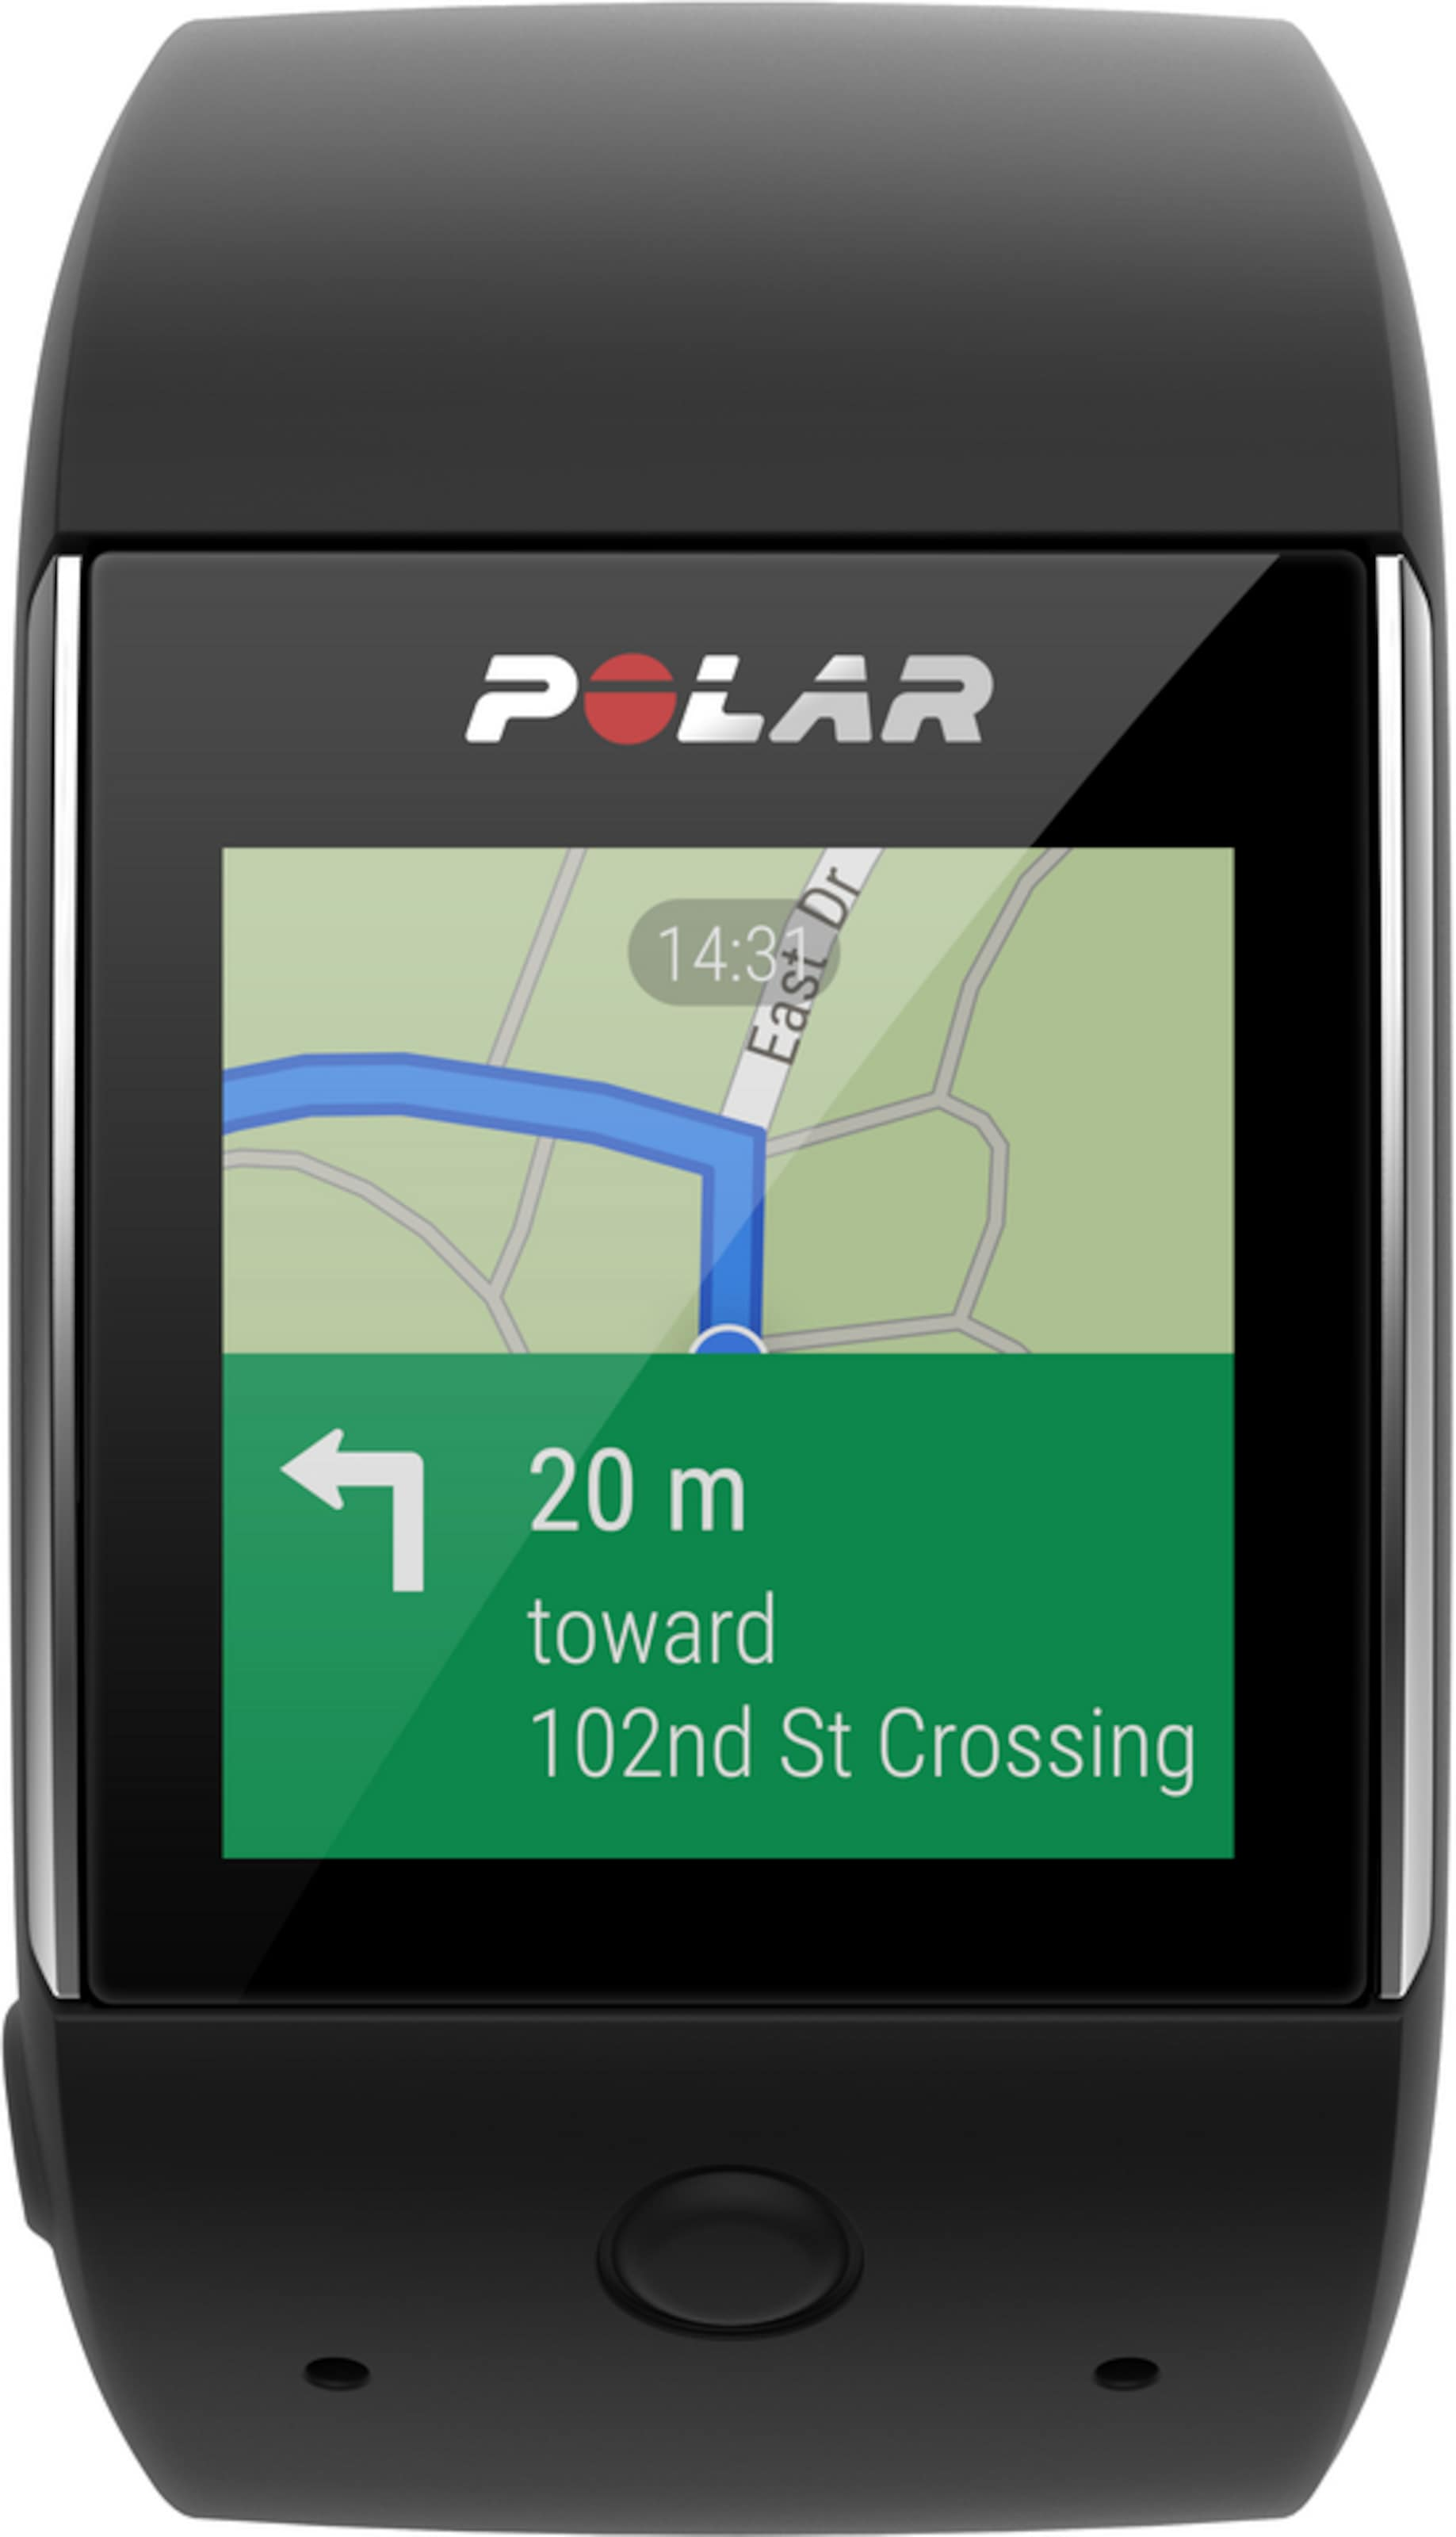 Neuesten Kollektionen Zu Verkaufen Freies Verschiffen Erhalten Authentisch POLAR Smartwatch mit Pulsuhr 'M600' Outlet Kaufen Größte Anbieter Freie Verschiffen-Spielraum s9sye